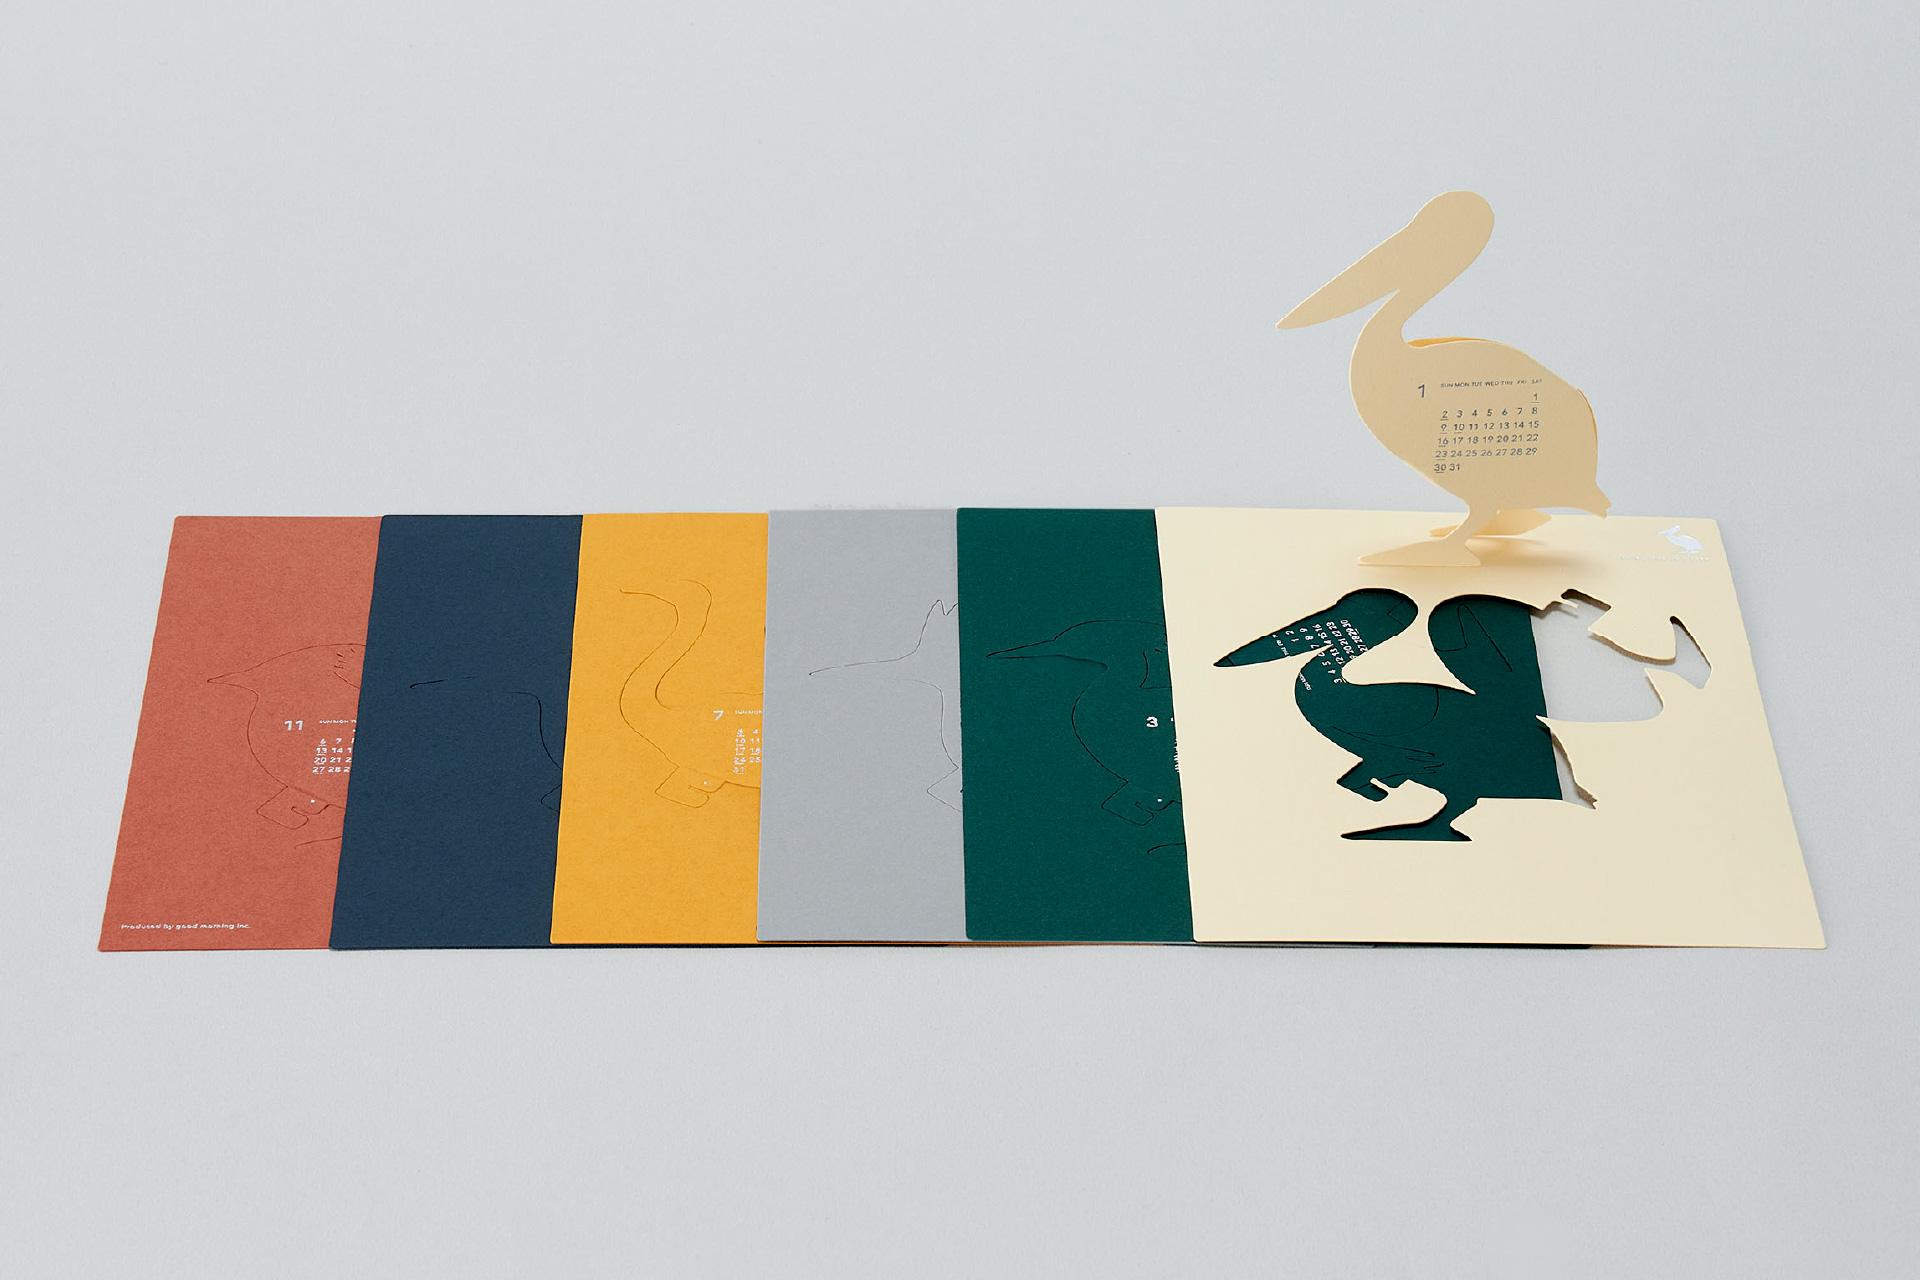 鳥をモチーフにした、おしゃれな卓上カレンダー2022年版